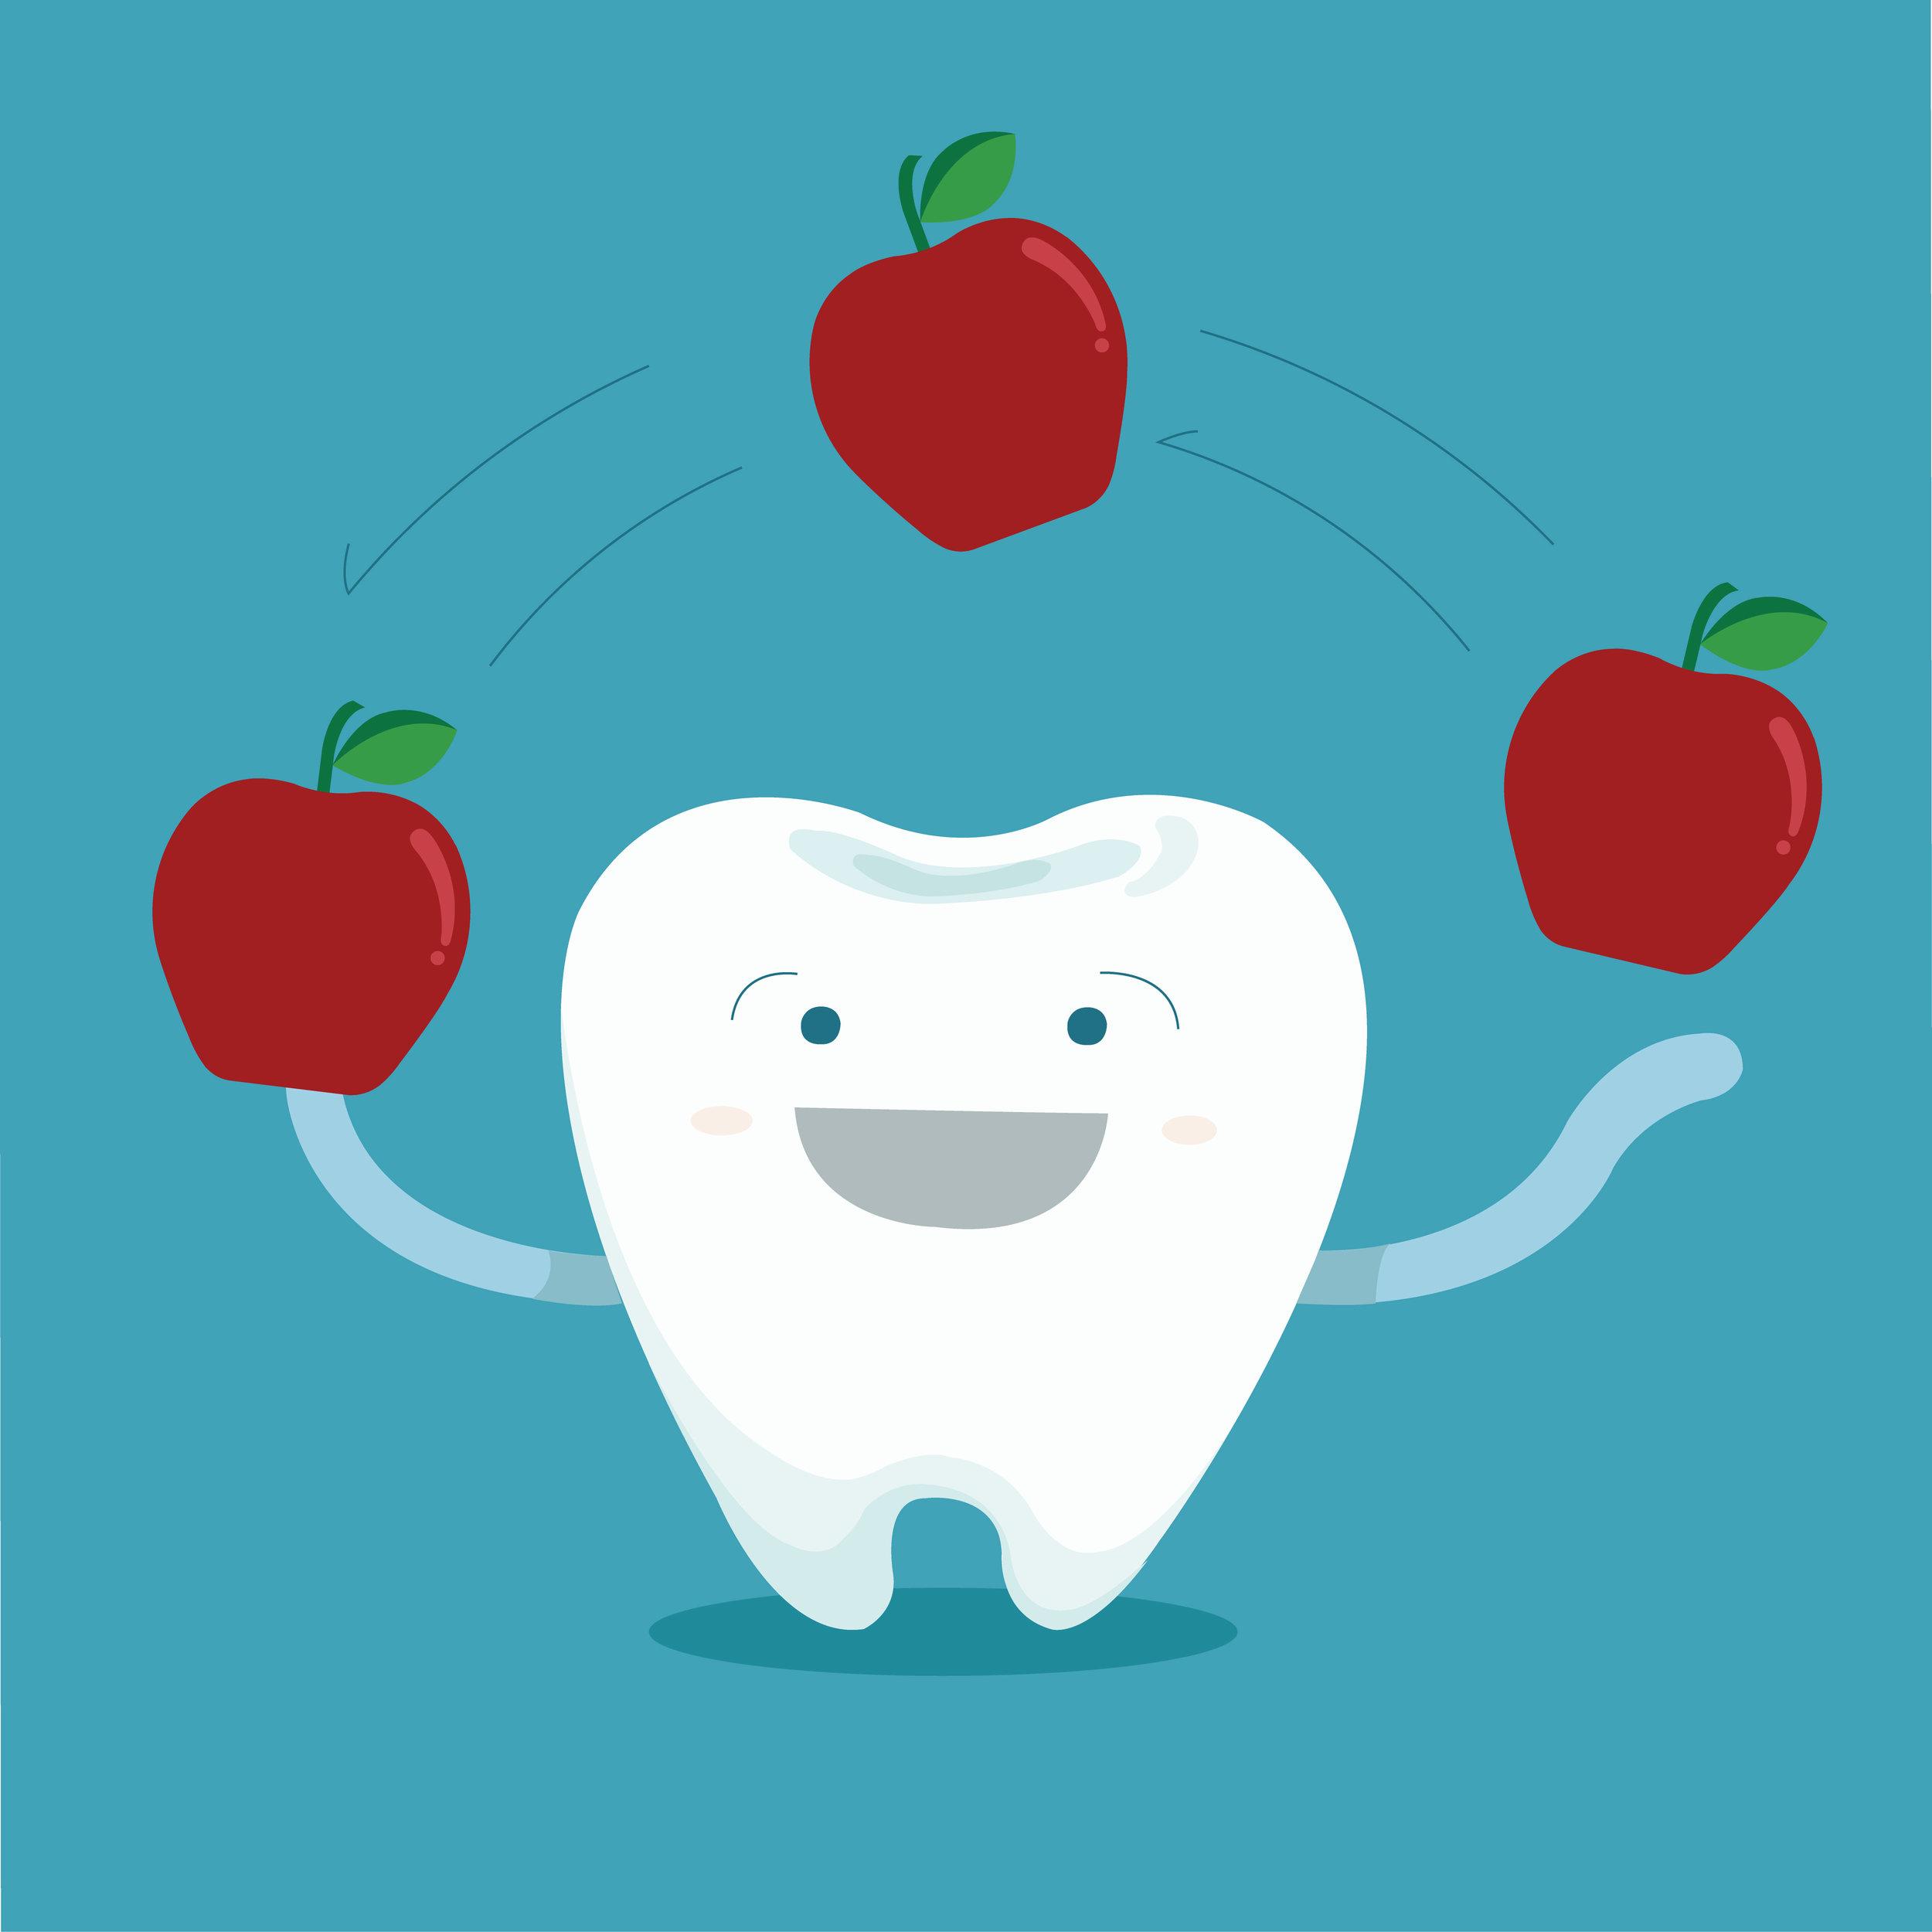 toothjugglingapples.jpg